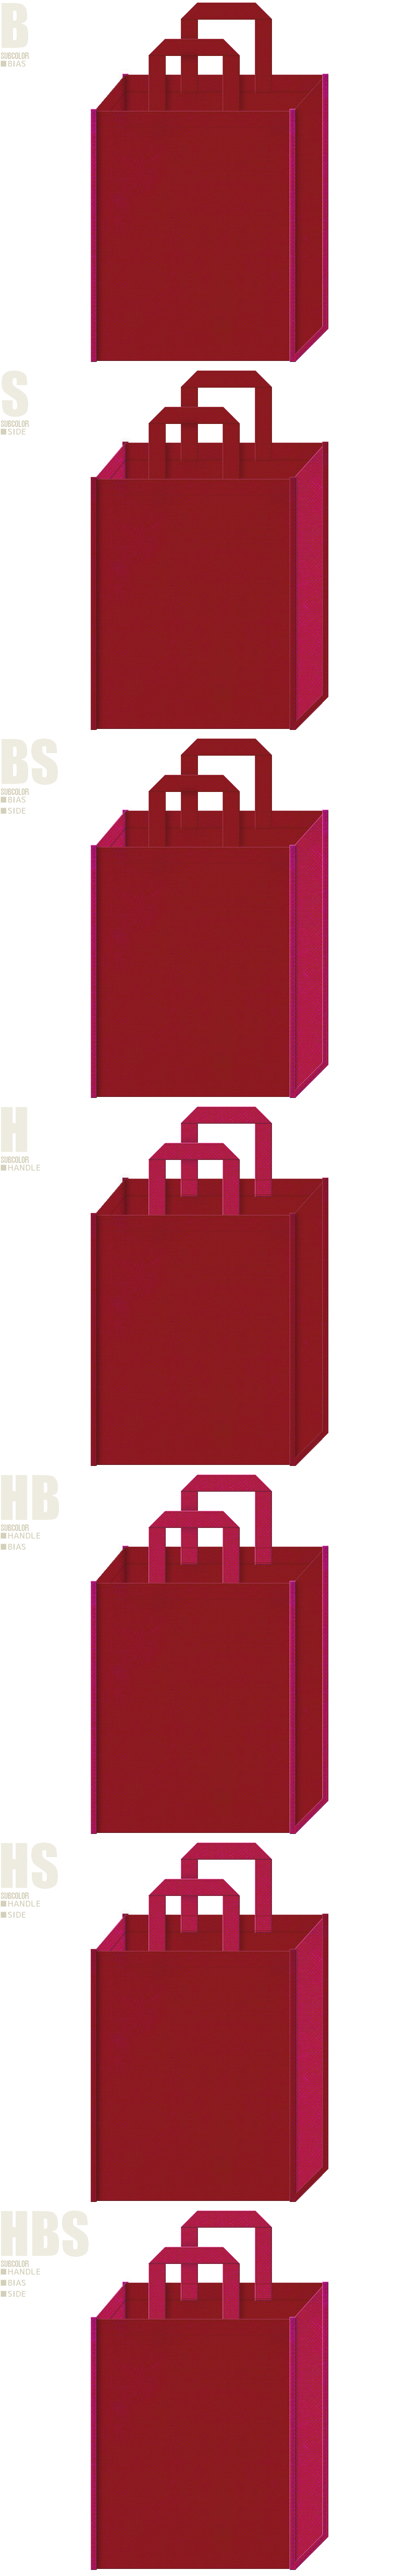 エンジ色と濃いピンク色、7パターンの不織布トートバッグ配色デザイン例。着付け教室等の和風イベントにお奨めです。